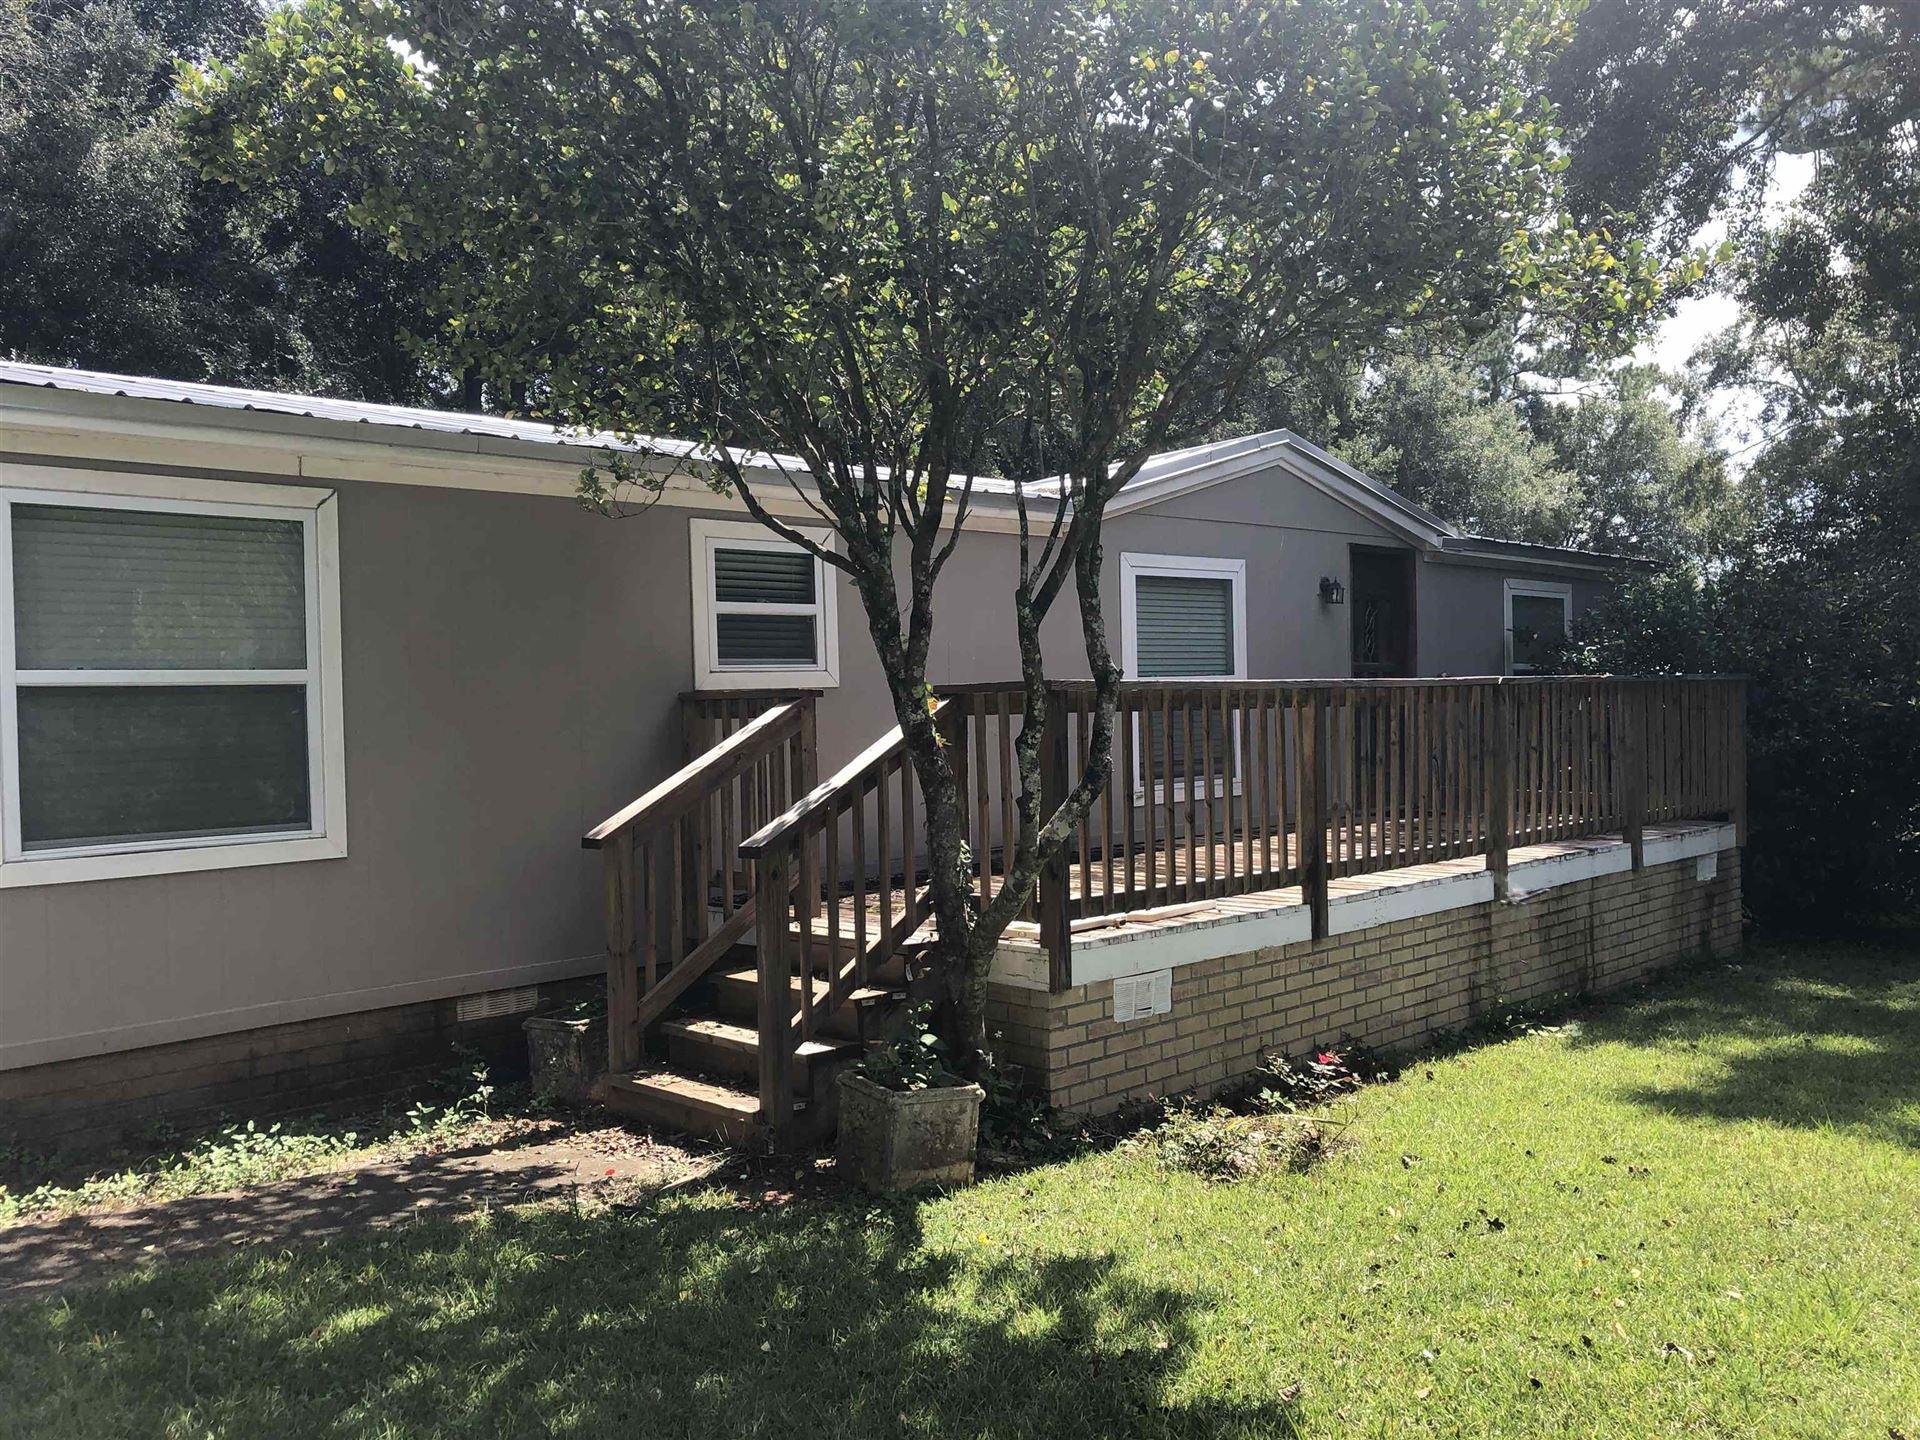 2057 Foshalee Drive, Tallahassee, FL 32317 - MLS#: 338069